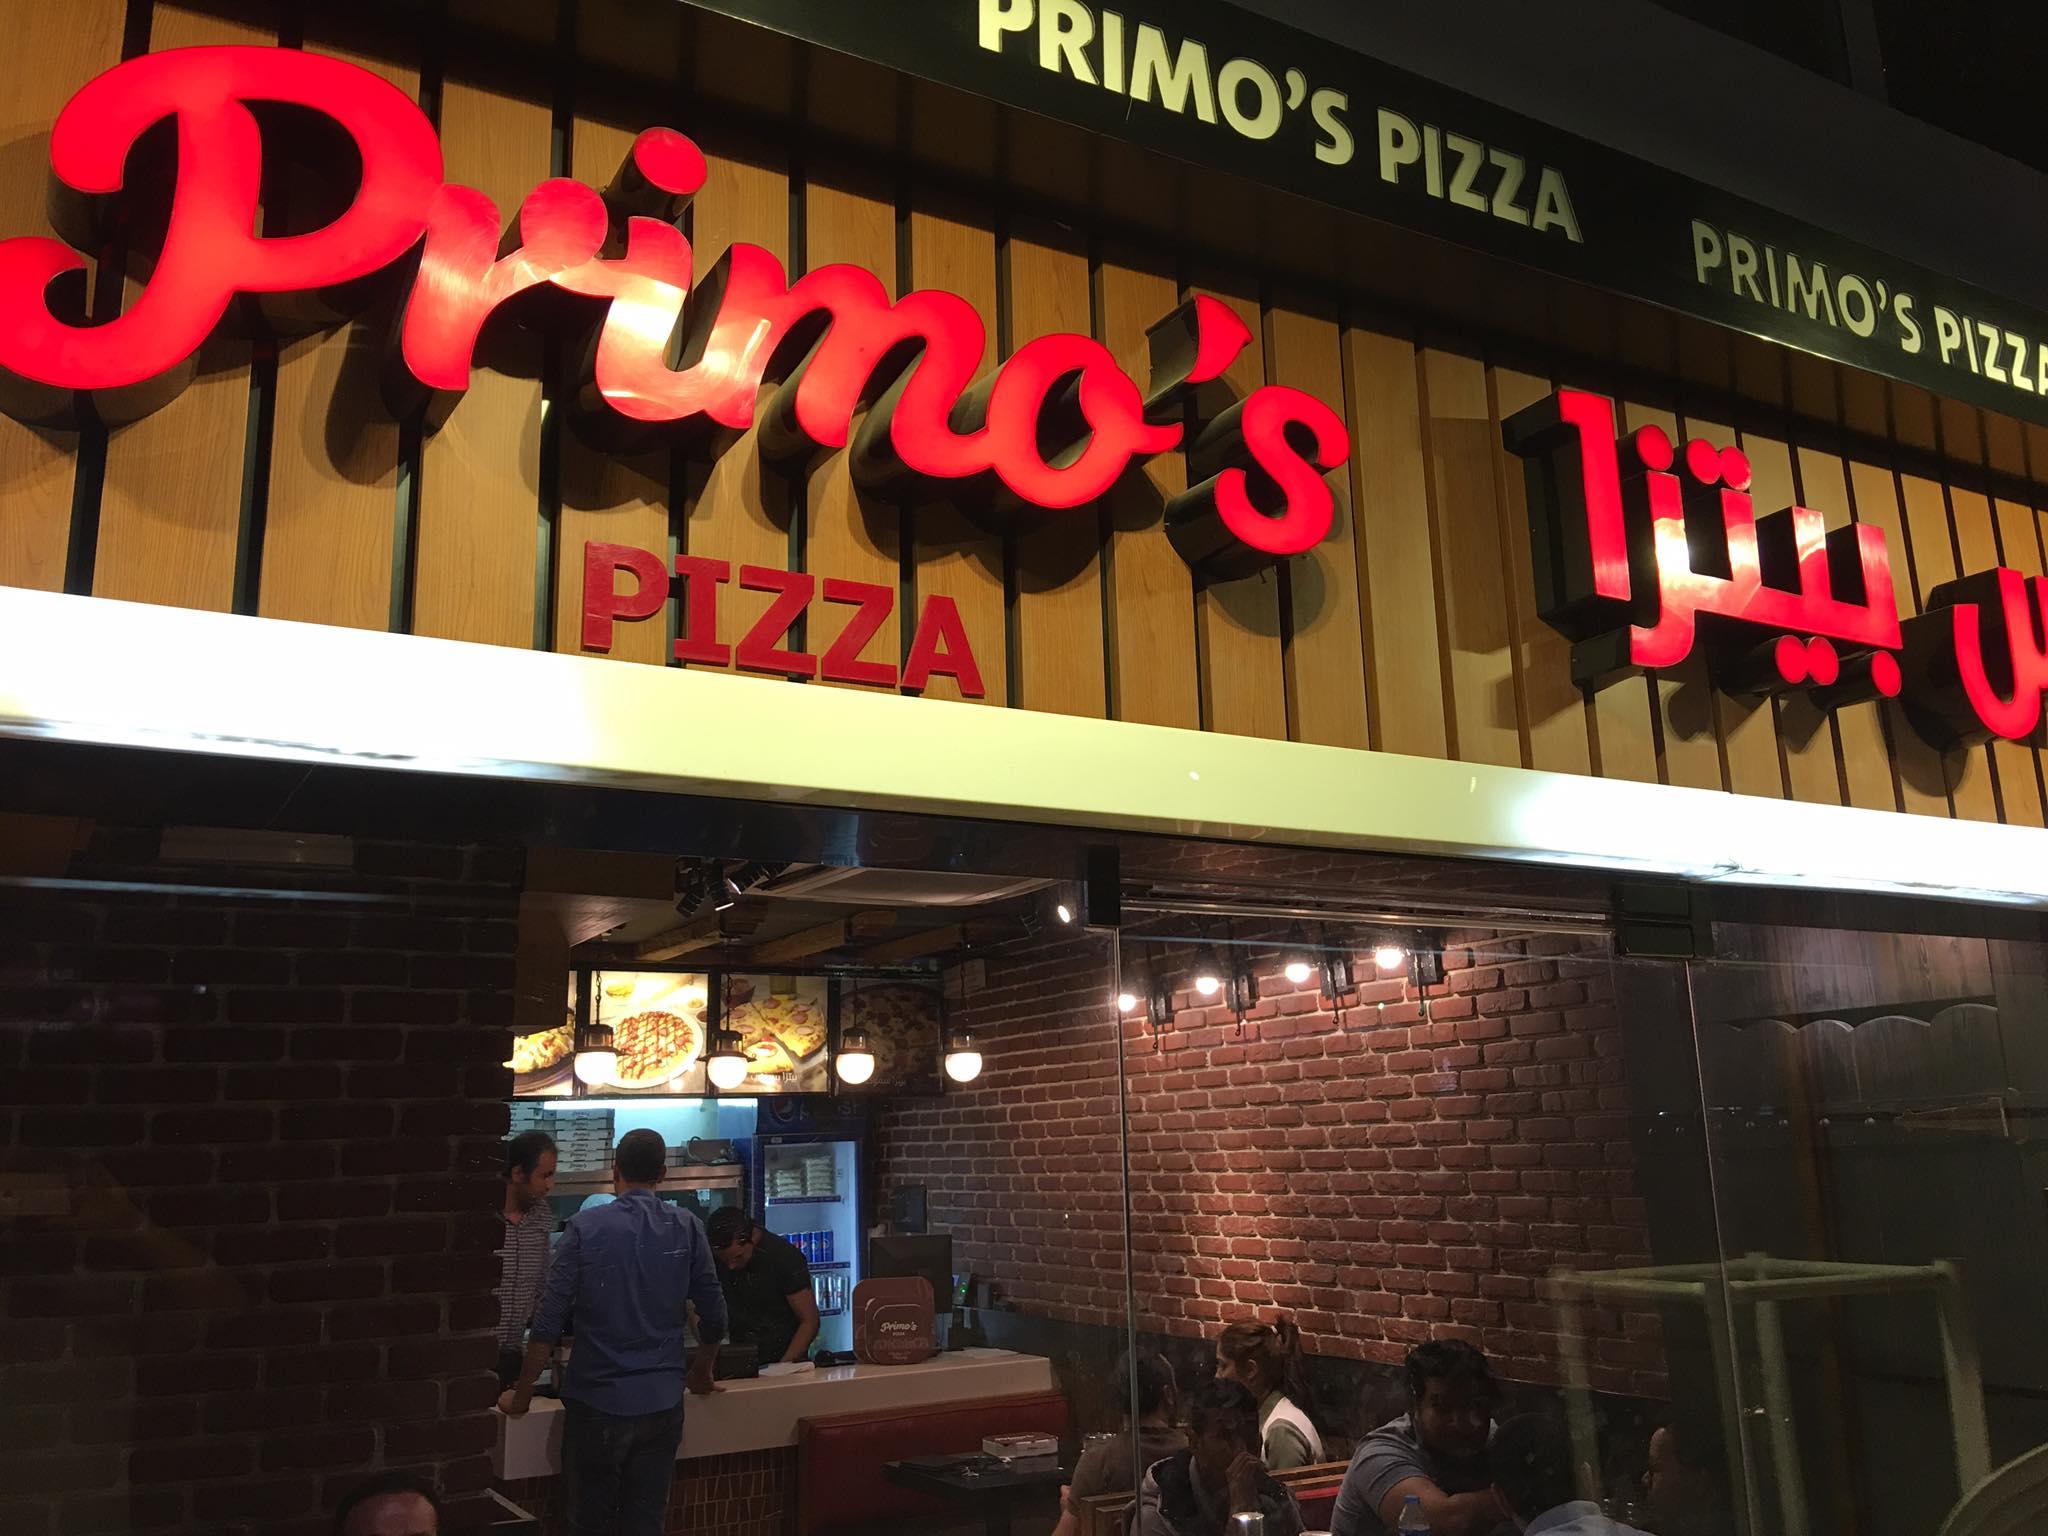 منيو ورقم بيتزا بريموس - أسعار البيتزا والوجبات والعروض 2021